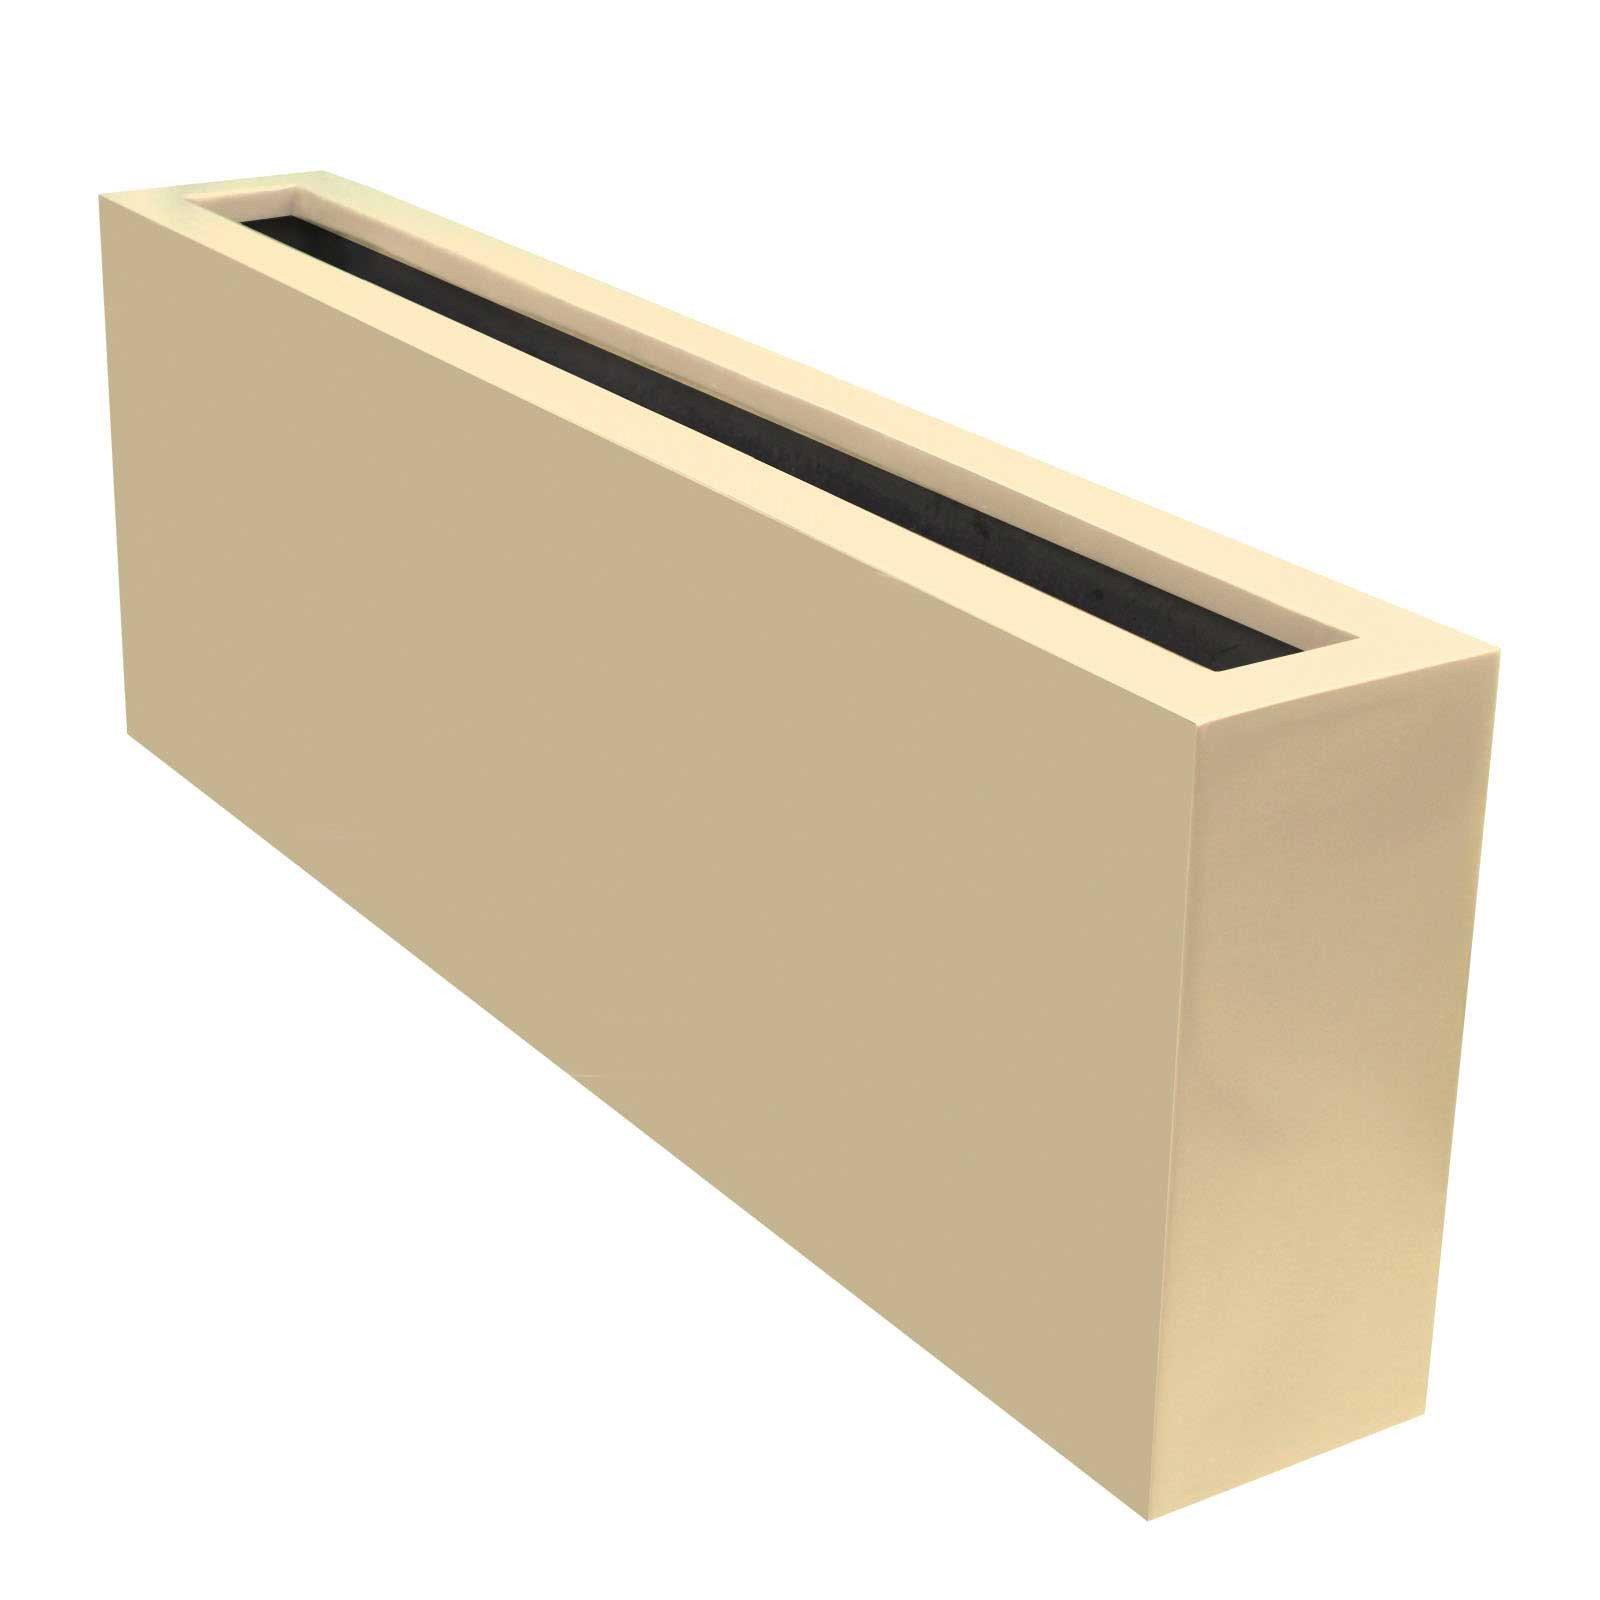 Contemporary Planter Box - Fiberglass - 54'L x 8'W x 18'H